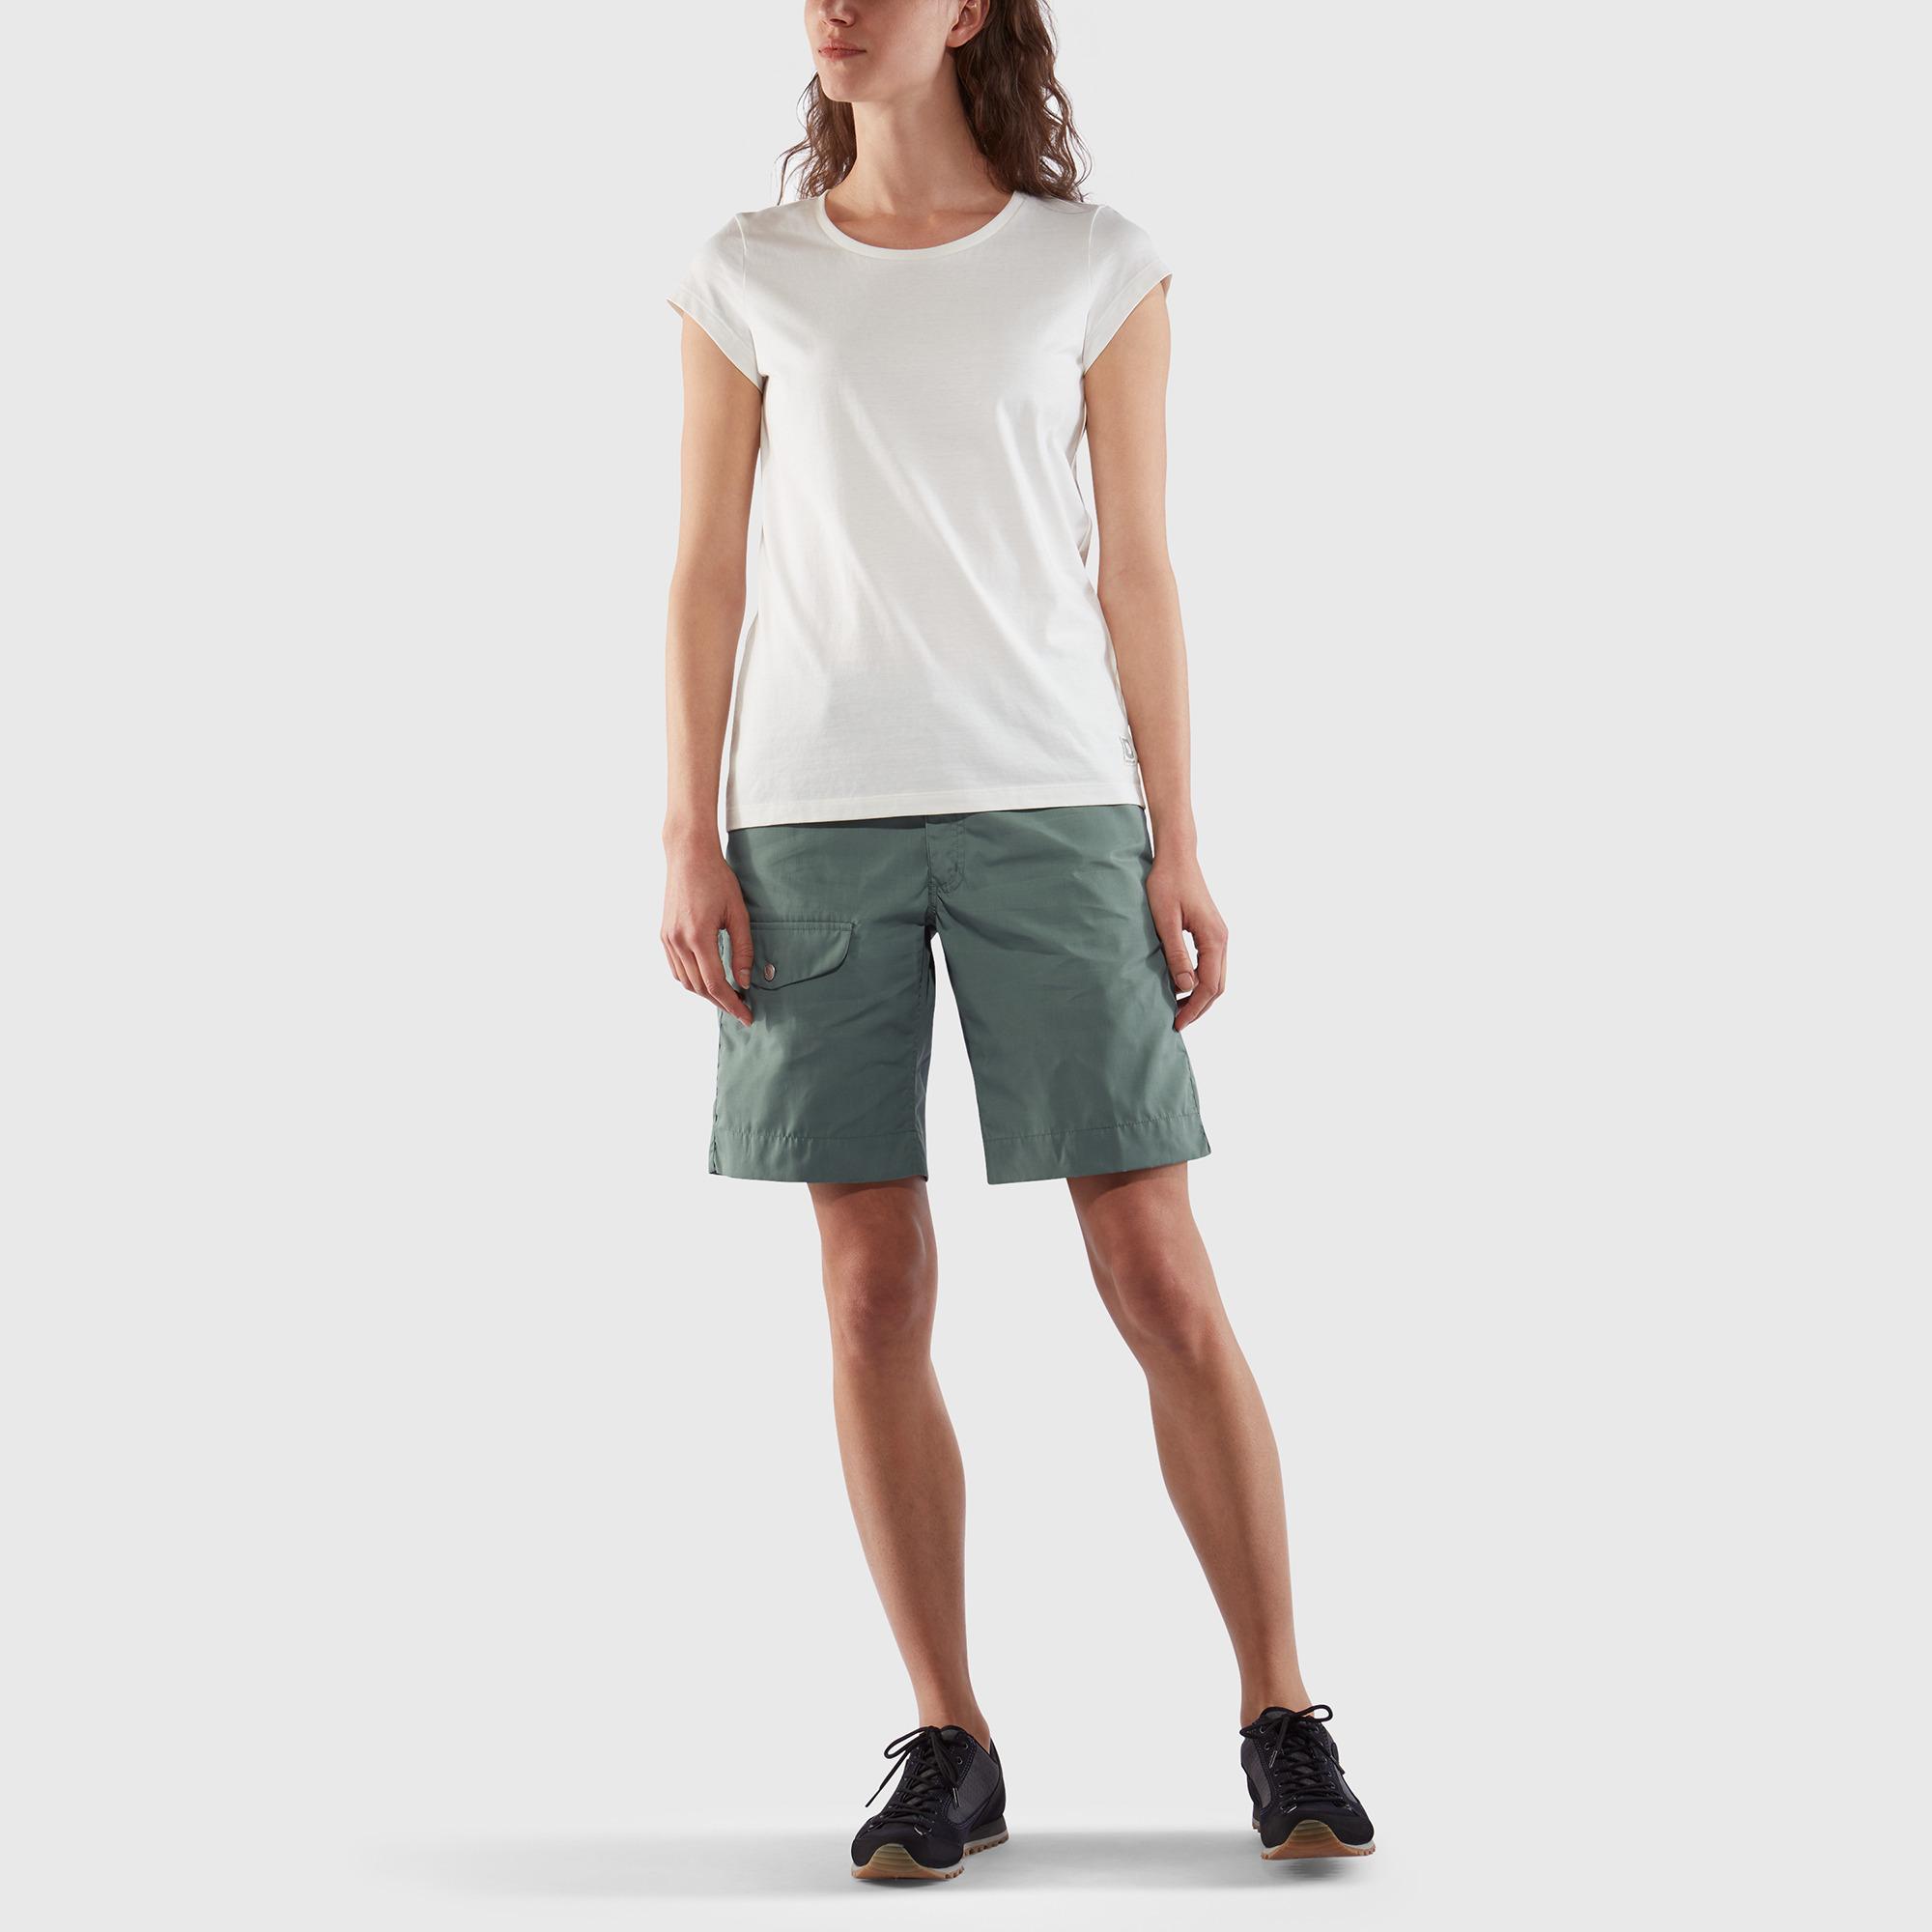 FJ/ÄLLR/ÄVEN Damen Greenland Shorts W